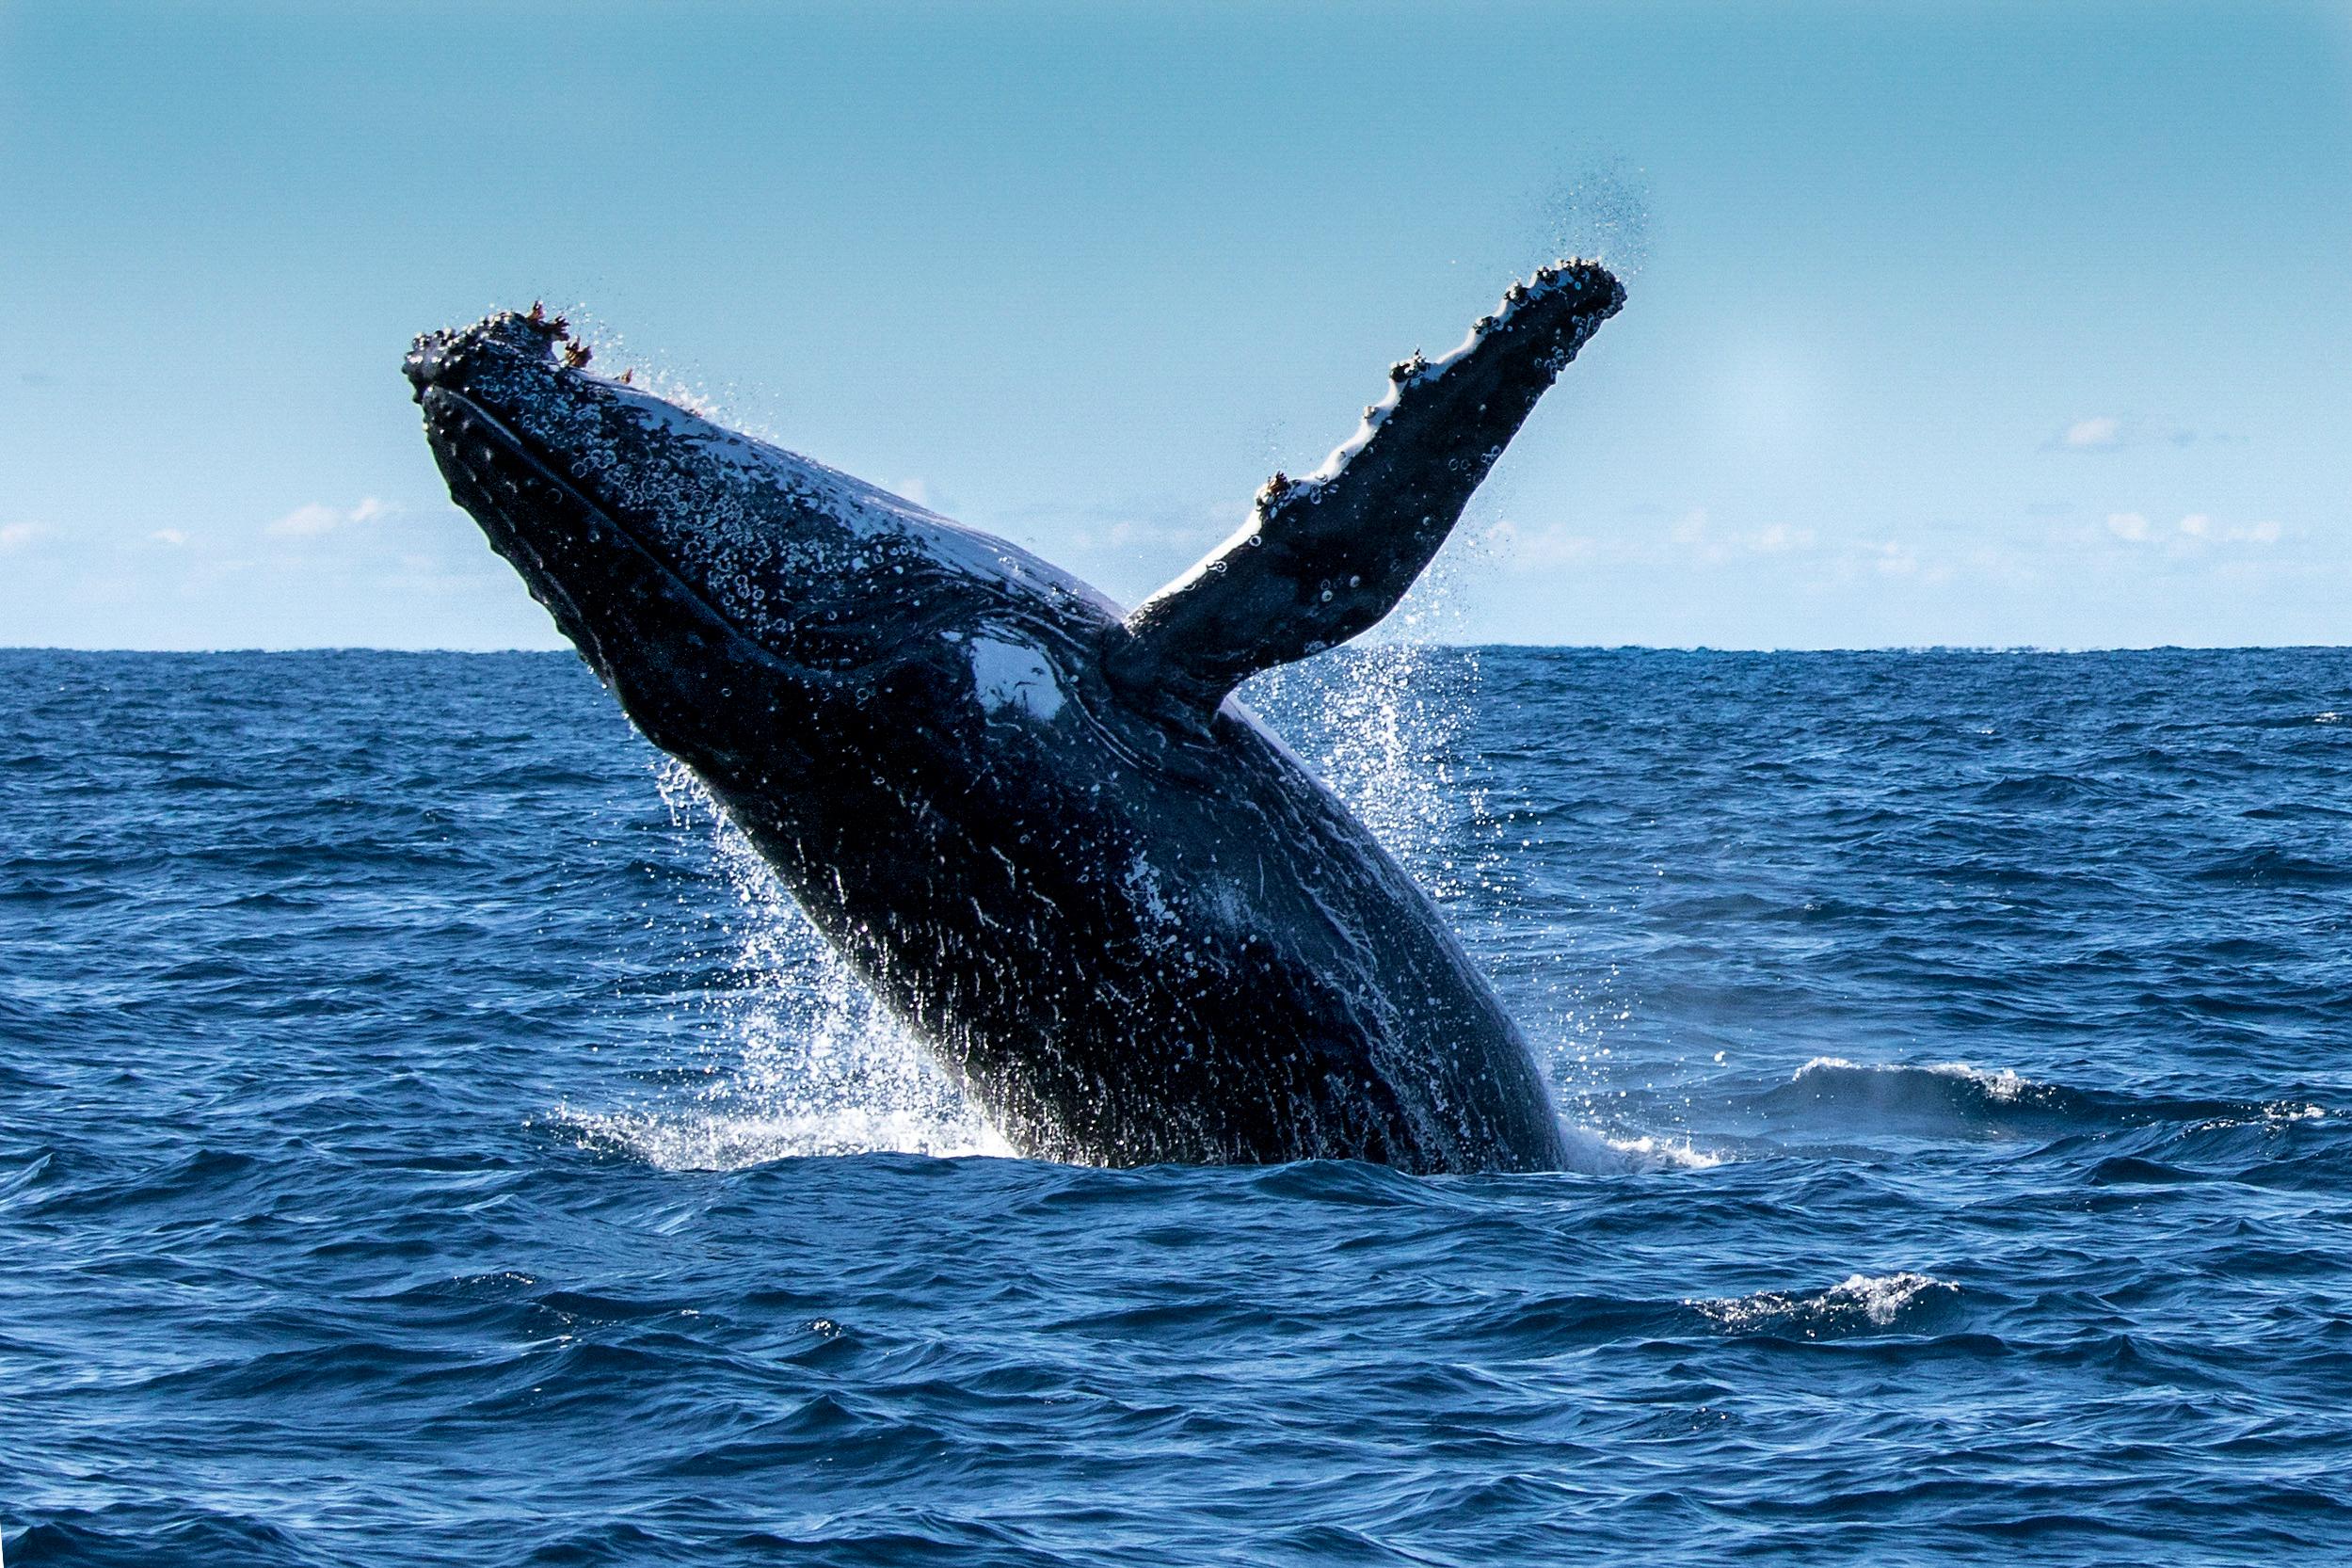 Aproximou-se demasiado de uma baleia-de-bossa. Agora foi condenado a pagar 1.350 €